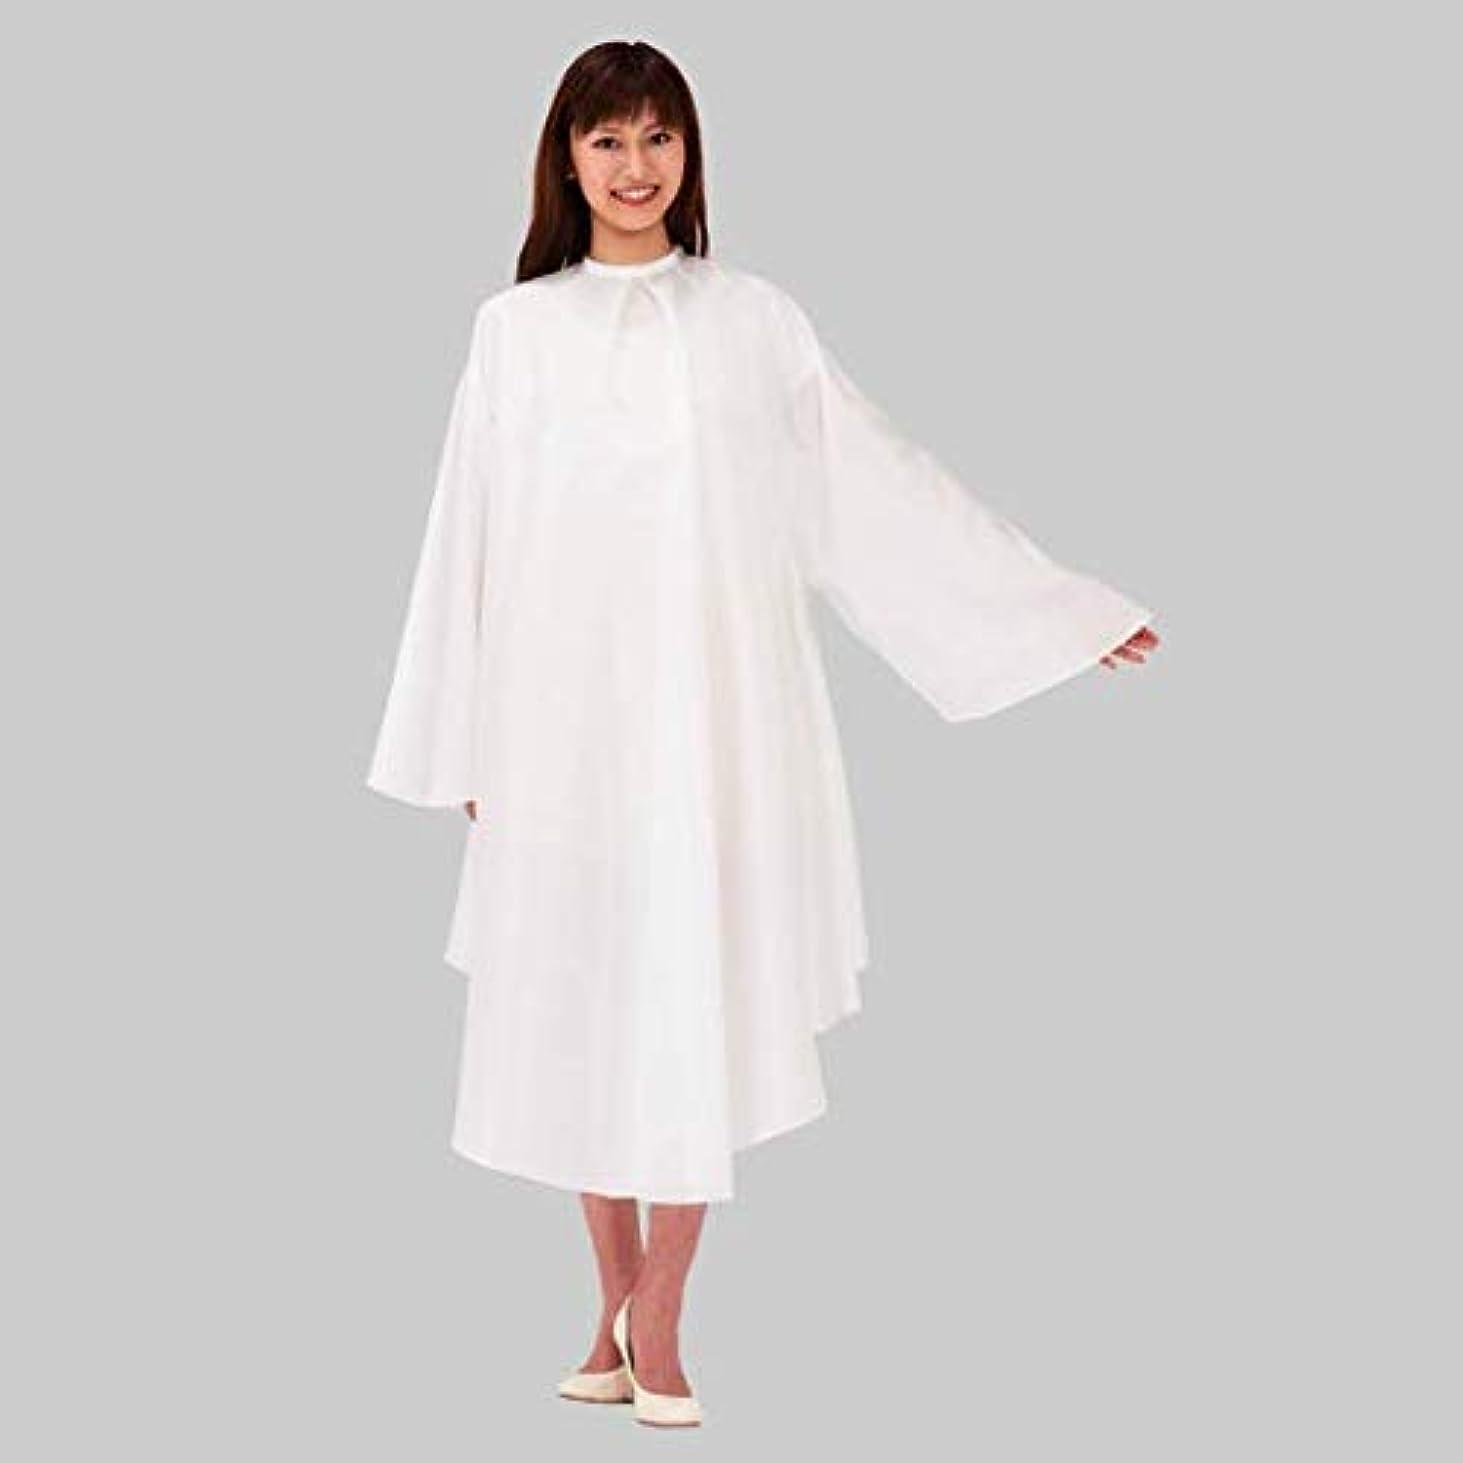 健康ユダヤ人知恵カトレア 2210 ホワイト ソフティ袖付刈布